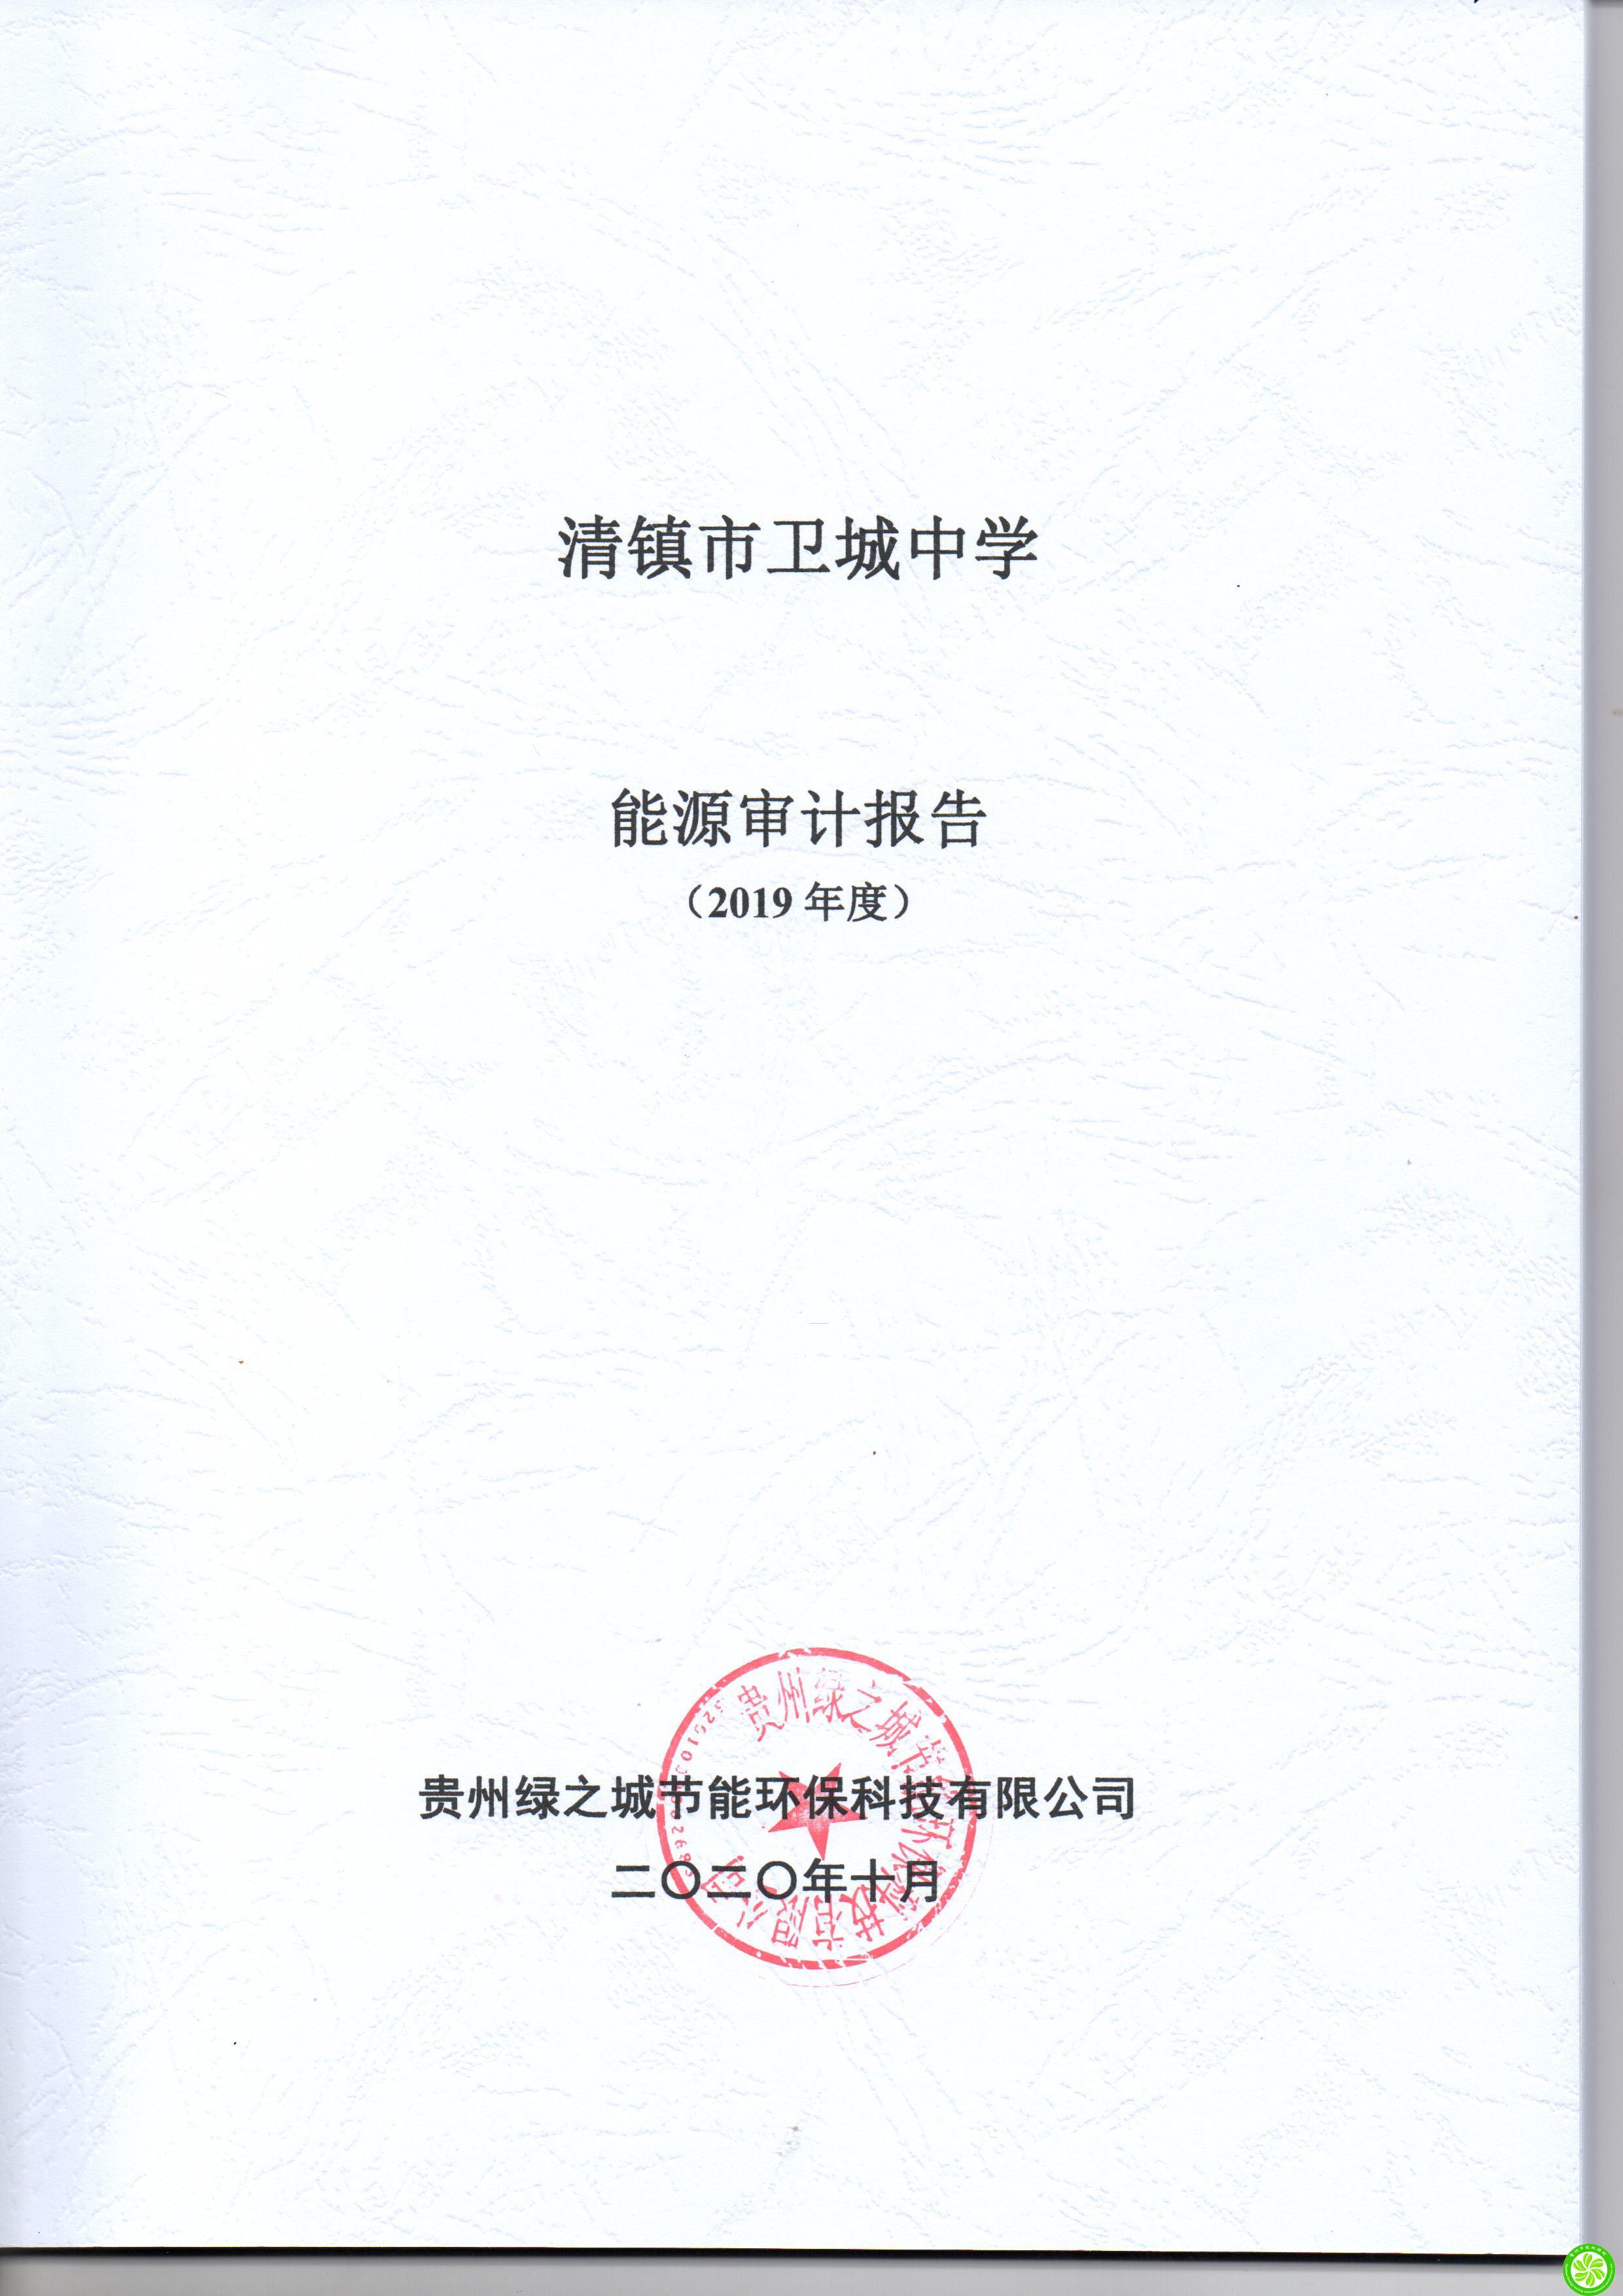 清镇市卫城中学2019年度能审计报告